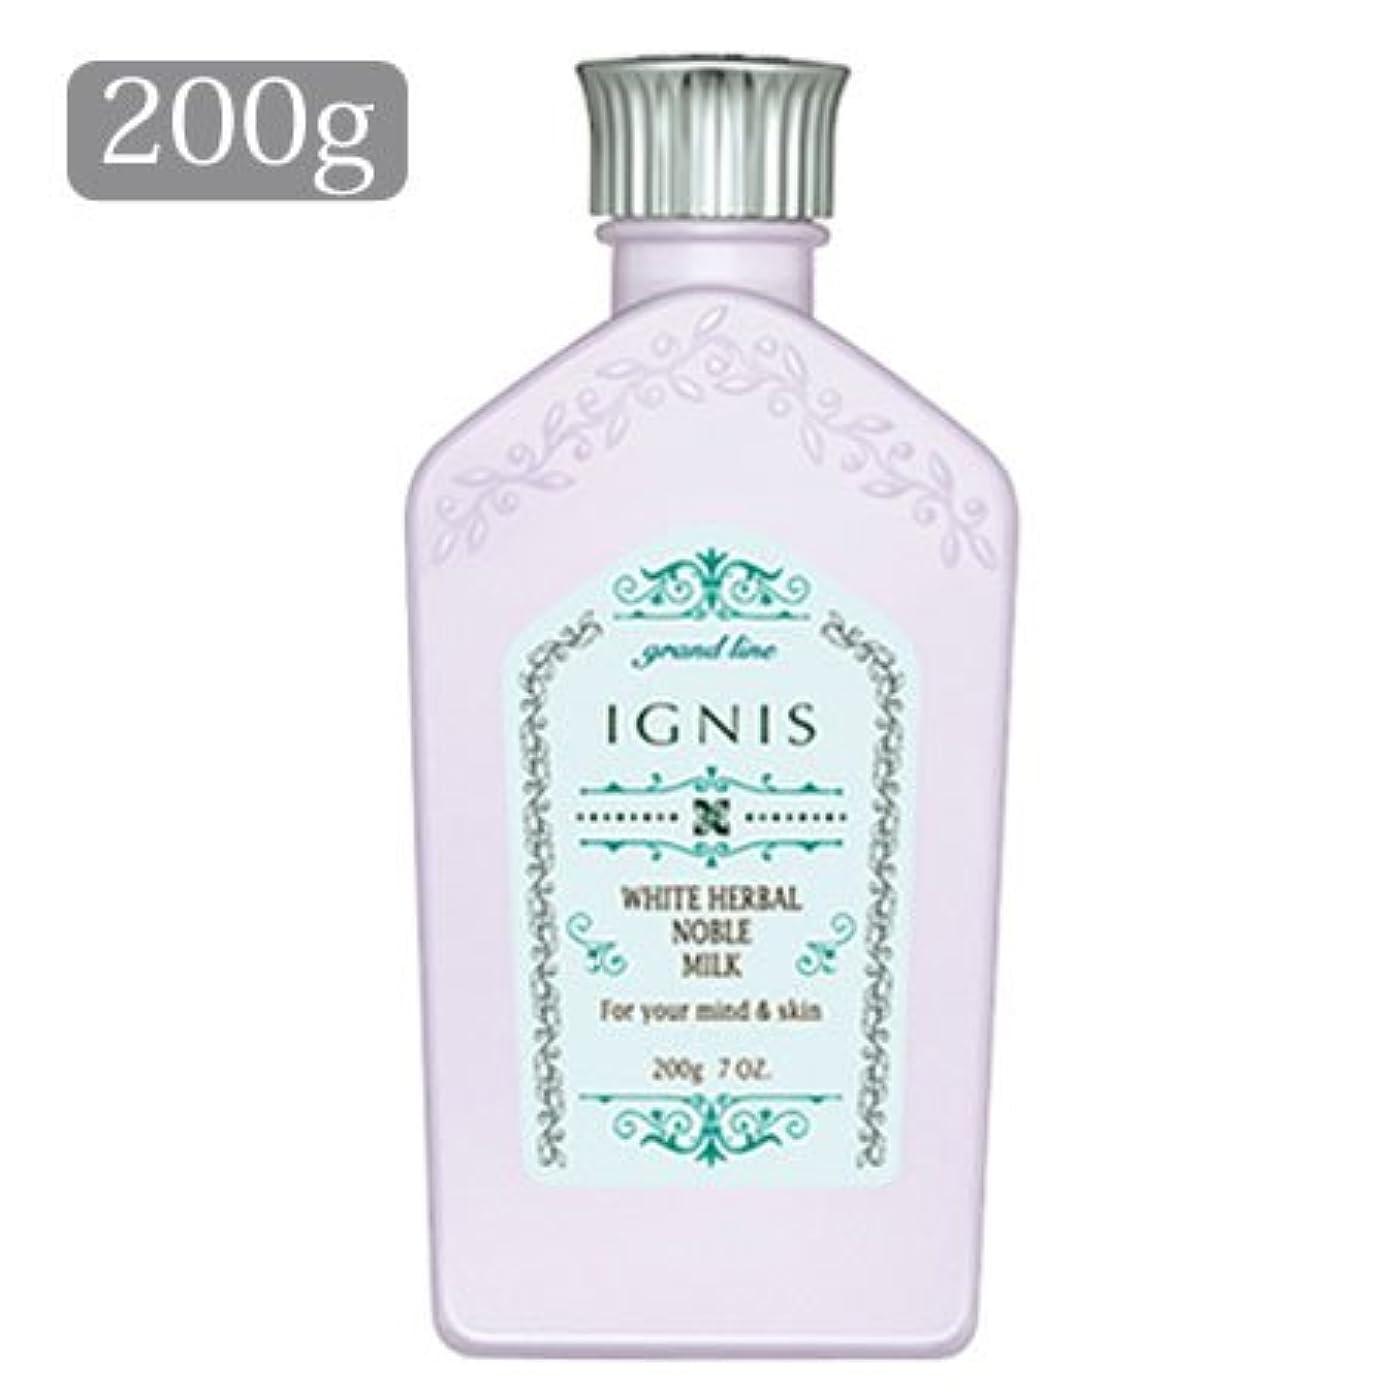 バーガー年齢フィードイグニス ホワイトハーバル ノーブル ミルク 200g -IGNIS-